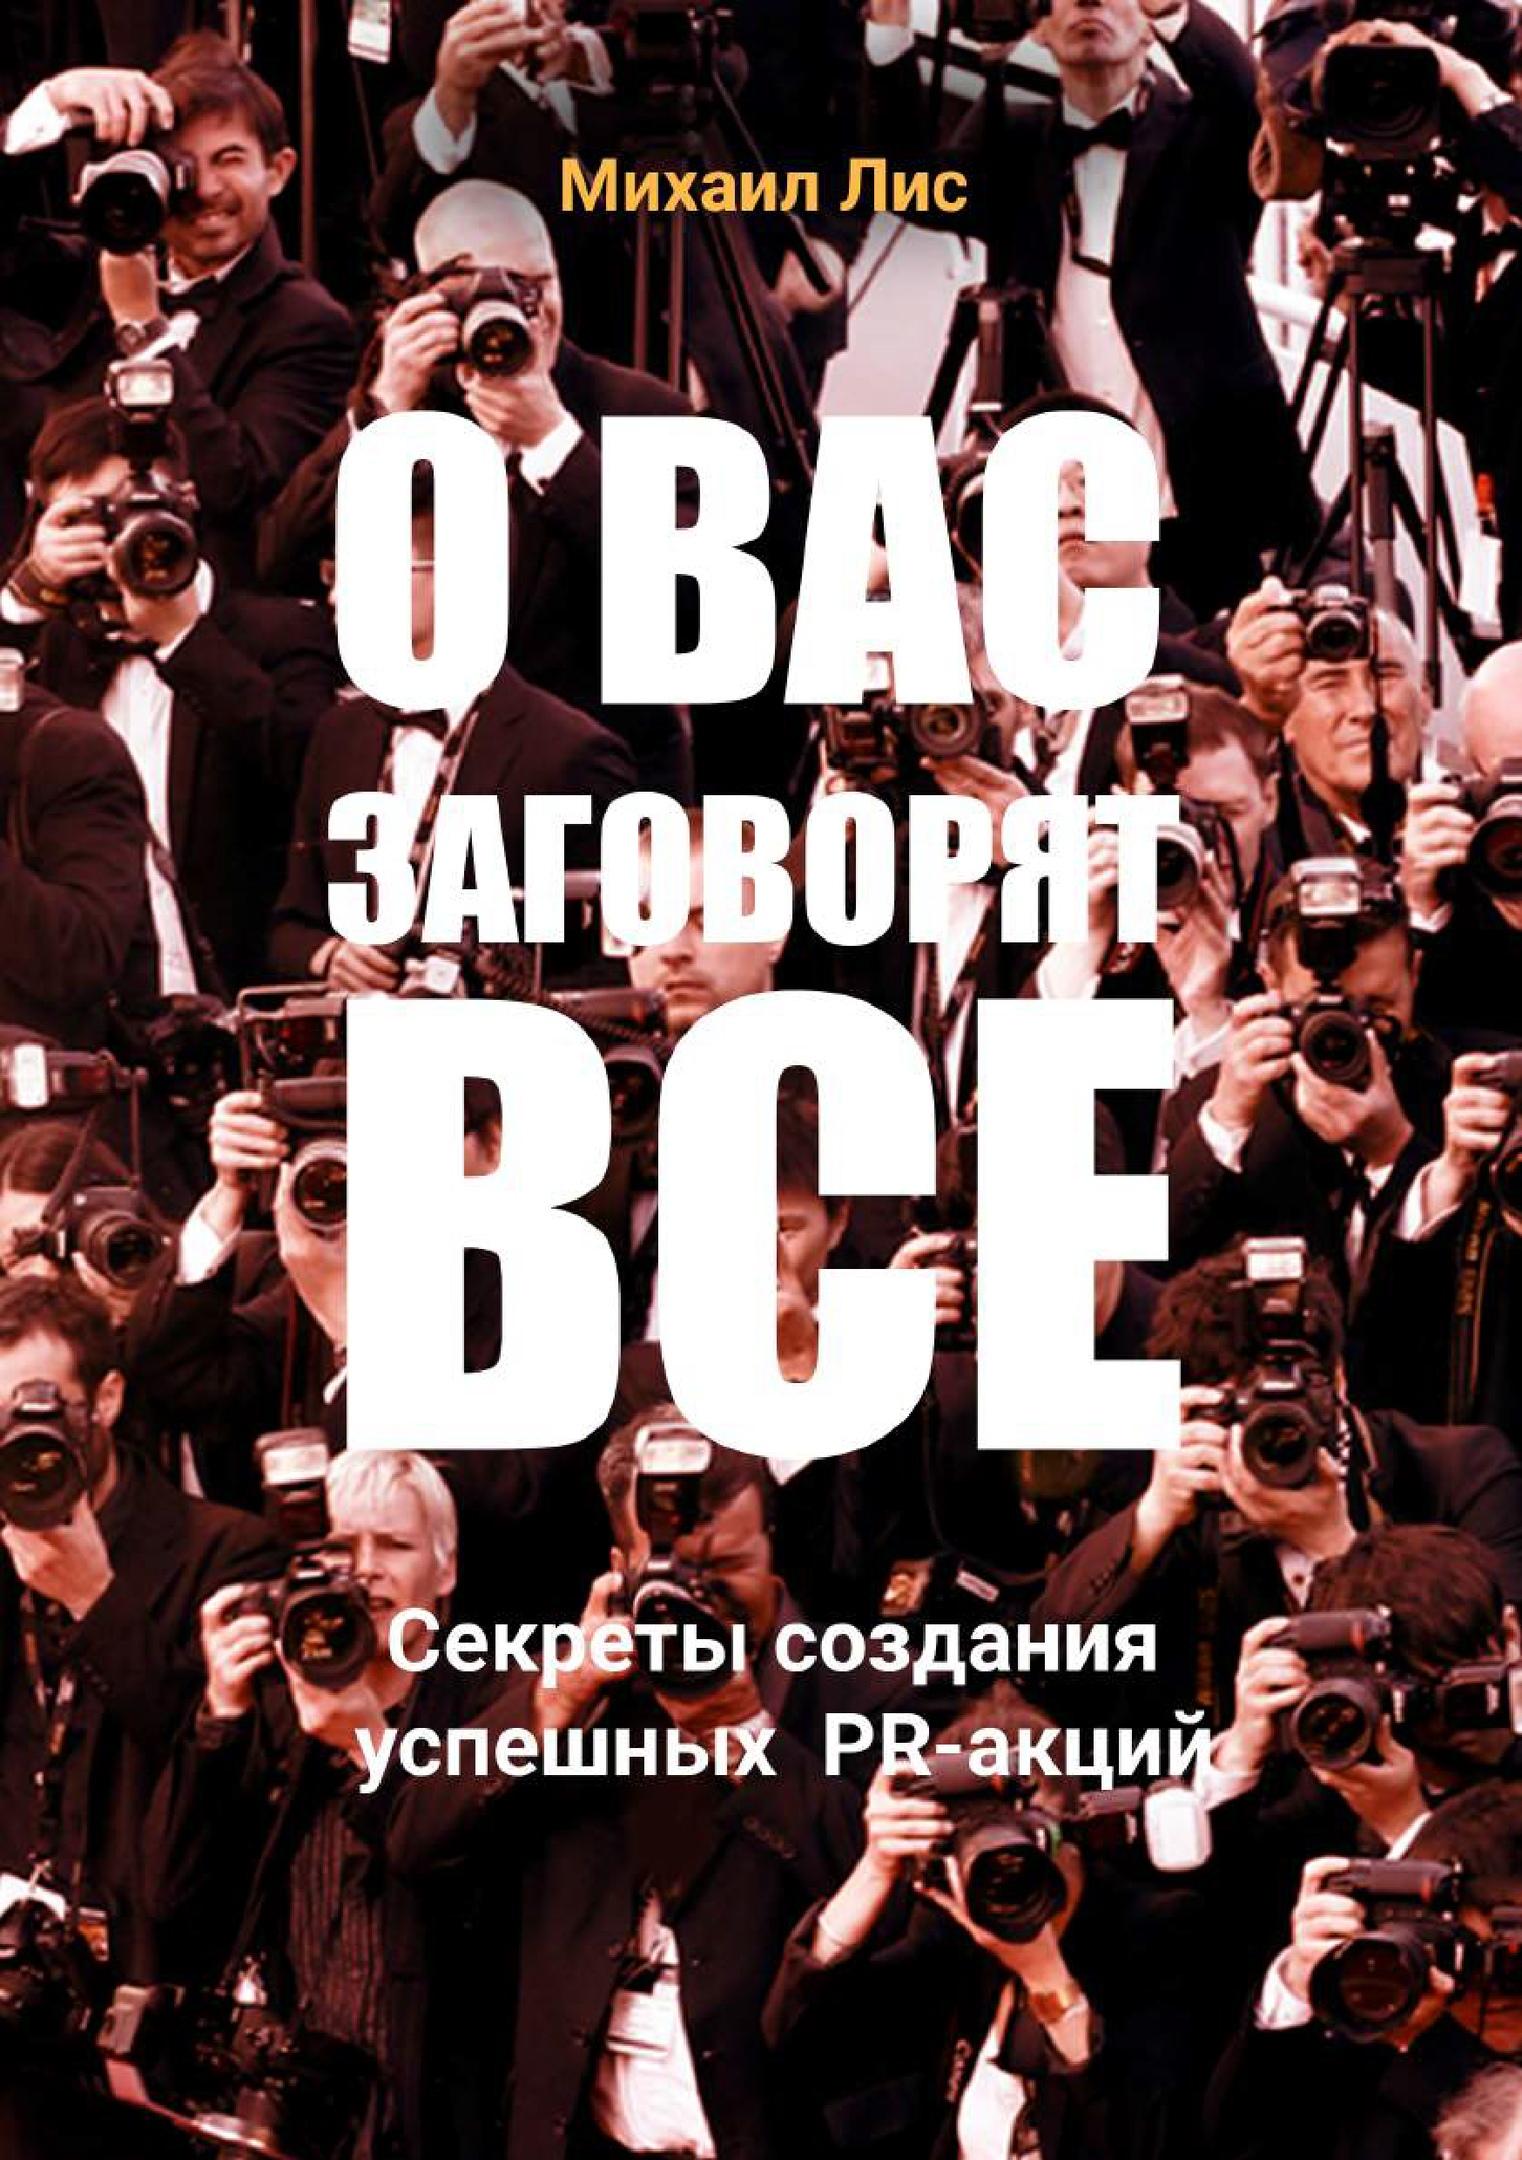 В Гродно открыли PR-агентство, за услуги которого заказчик будет расплачиваться своей кровью